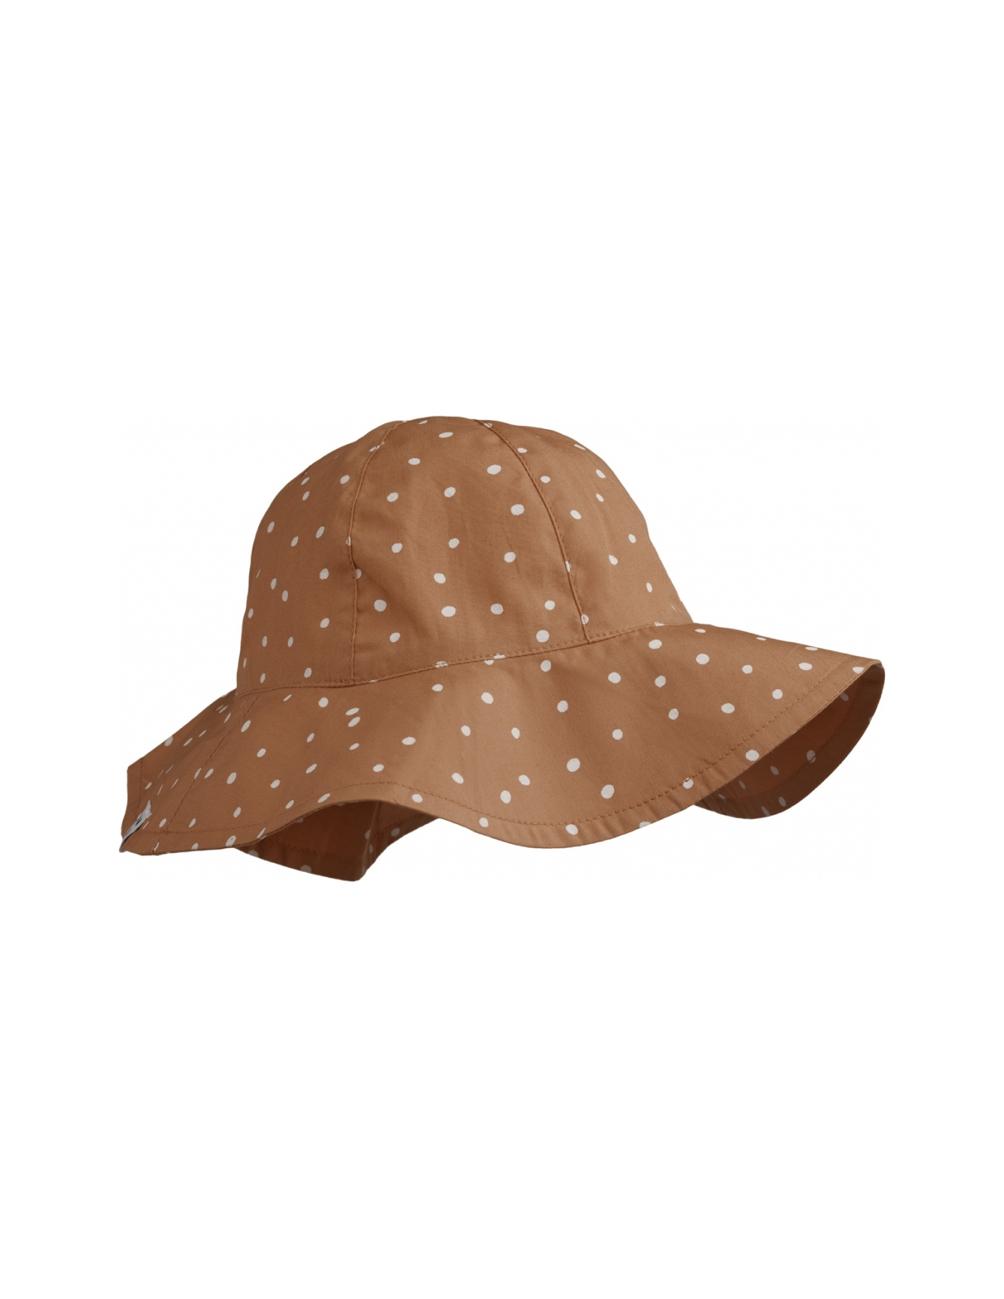 Amelia Confetti Terracotta Sun hat